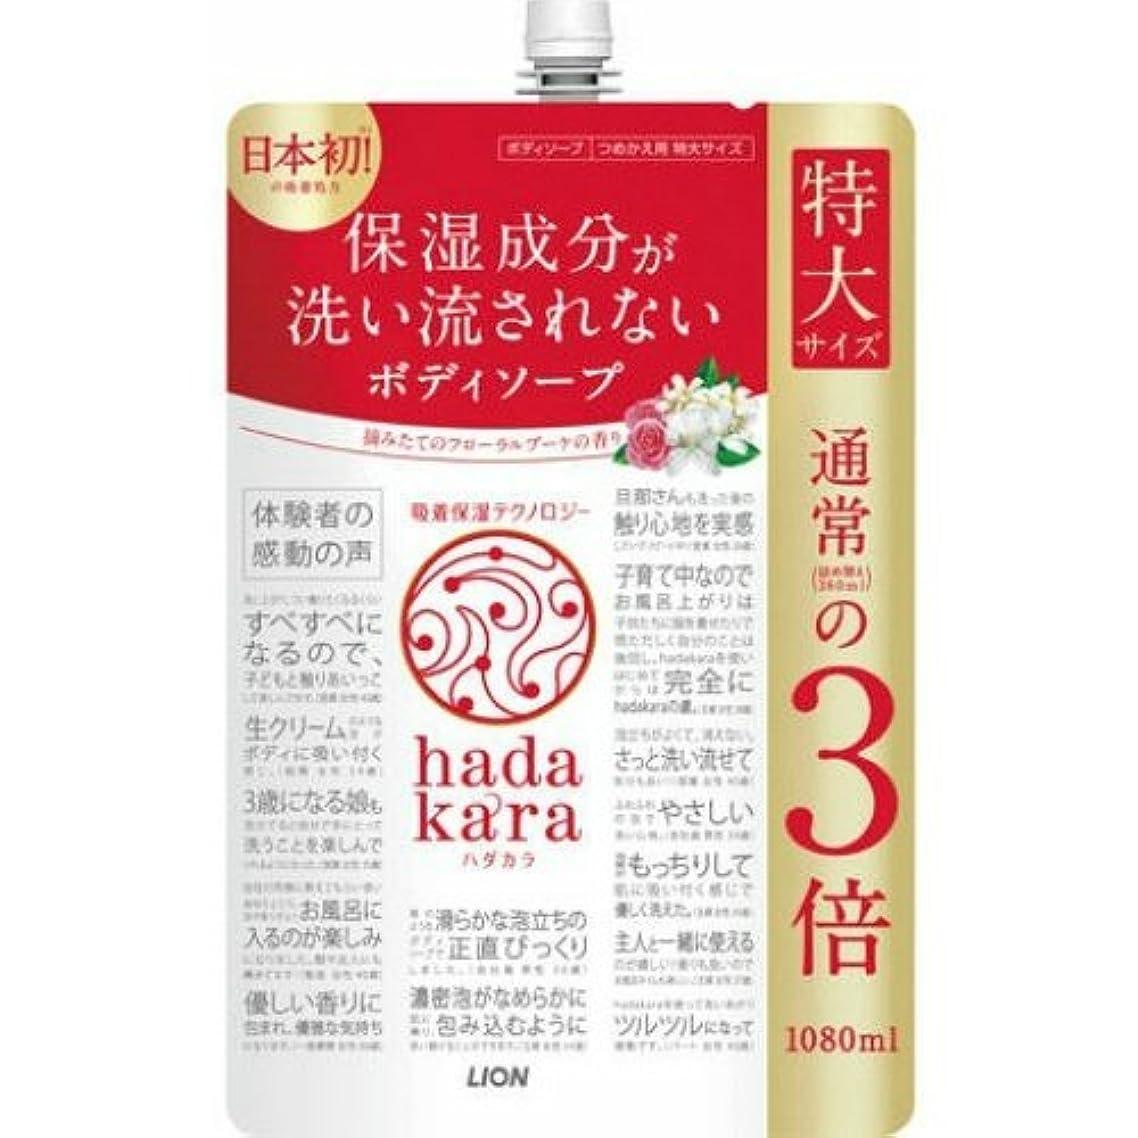 男らしさムス発表するLION ライオン hadakara ハダカラ ボディソープ フローラルブーケの香り つめかえ用 特大サイズ 1080ml ×3点セット(4903301260875)